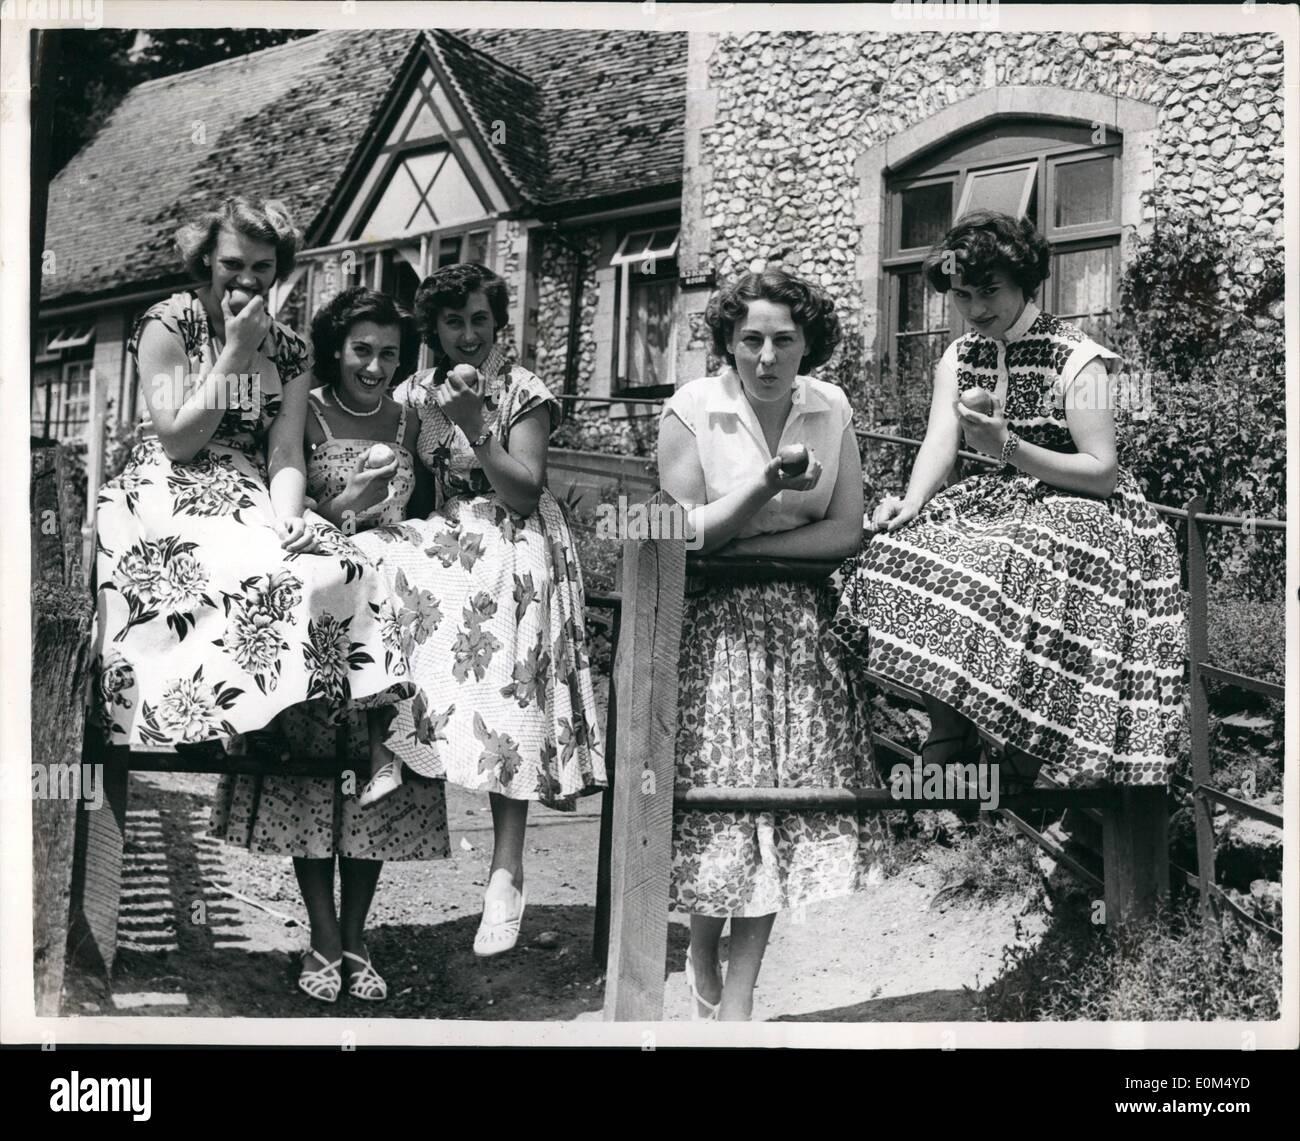 Jul 07, 1953 - aldea de hermosas chicas- Las niñas superan a los hombres por cuatro a uno: Bramber, con una población de 400 se decretó en las guías como uno de los pueblos más pintorescos de Sussex. Pero no es uno de los más románticos. La razón de esto es porque sólo hay uno por cada cuatro de licenciatura elegibles de su glamoroso chicas. La Sra. Peggy Glenie, directora del hotel Castillo dijo, ''La escasez de hombres es terrible''. Cada noche en grupos de dos o tres niñas vaya a la Sra. Glenie es ella sólo para pasar el tiempo Imagen De Stock